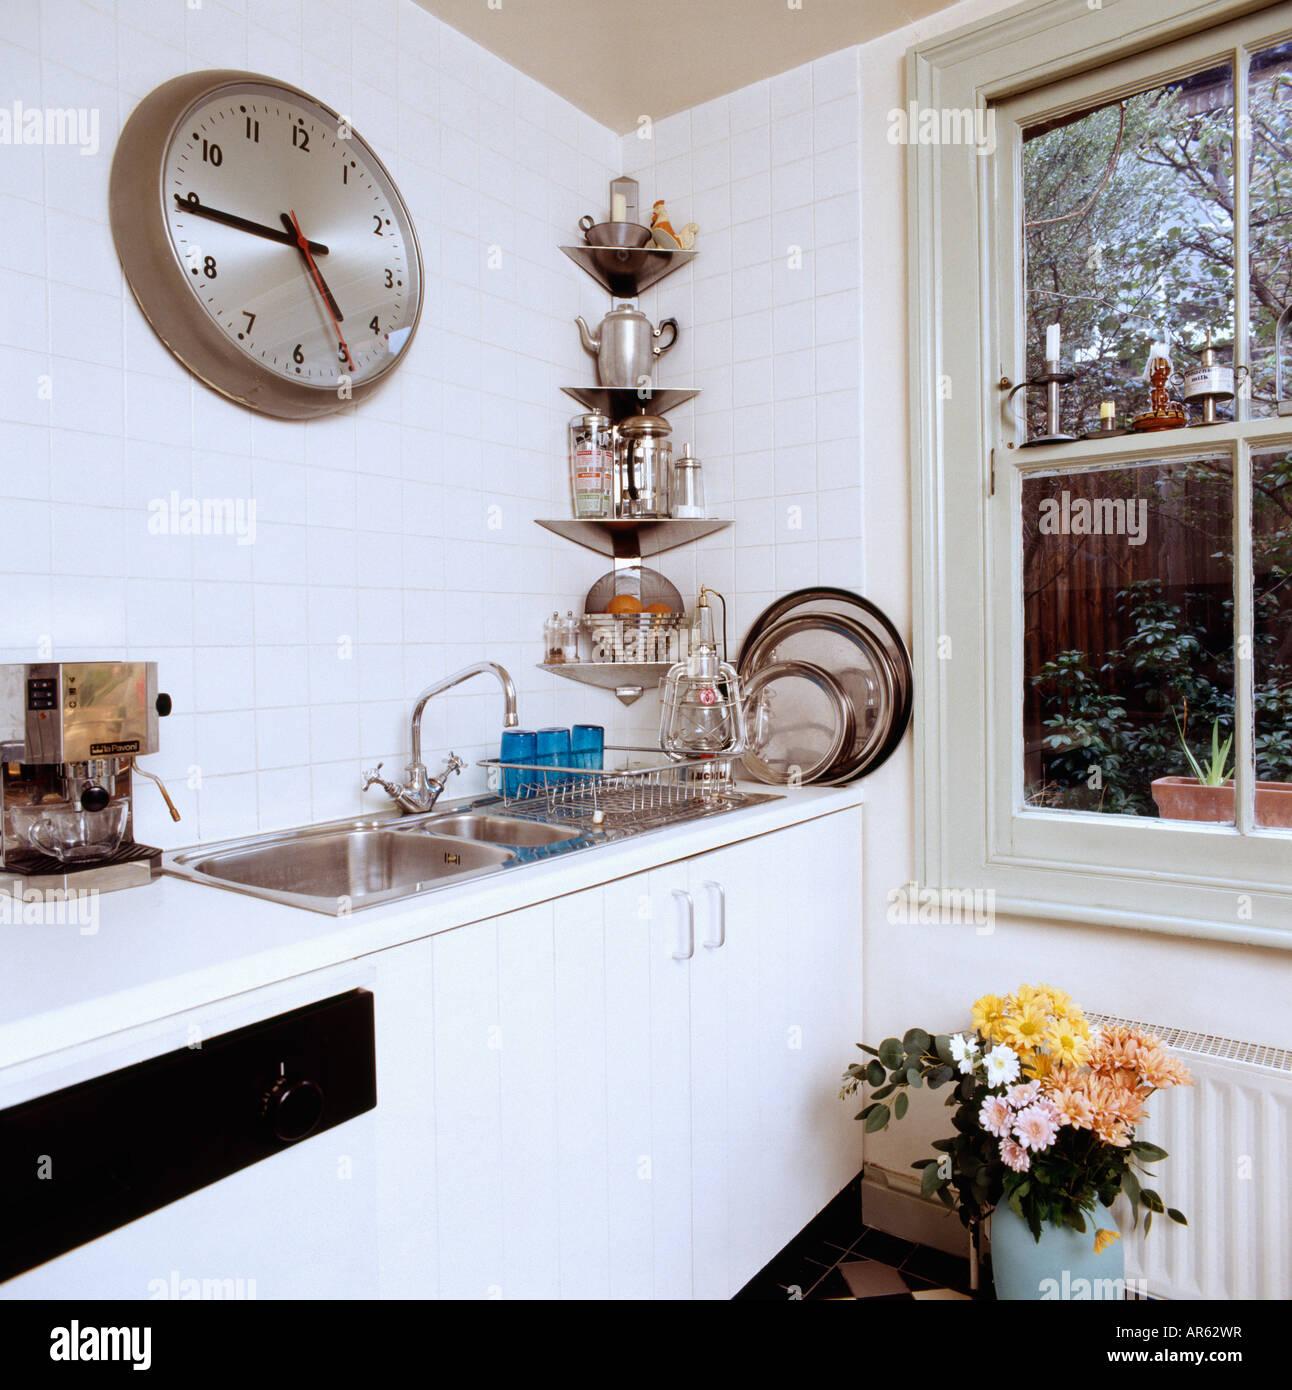 Stainless Steel Corner Shelf Kitchen Baby Gate For Kitchen